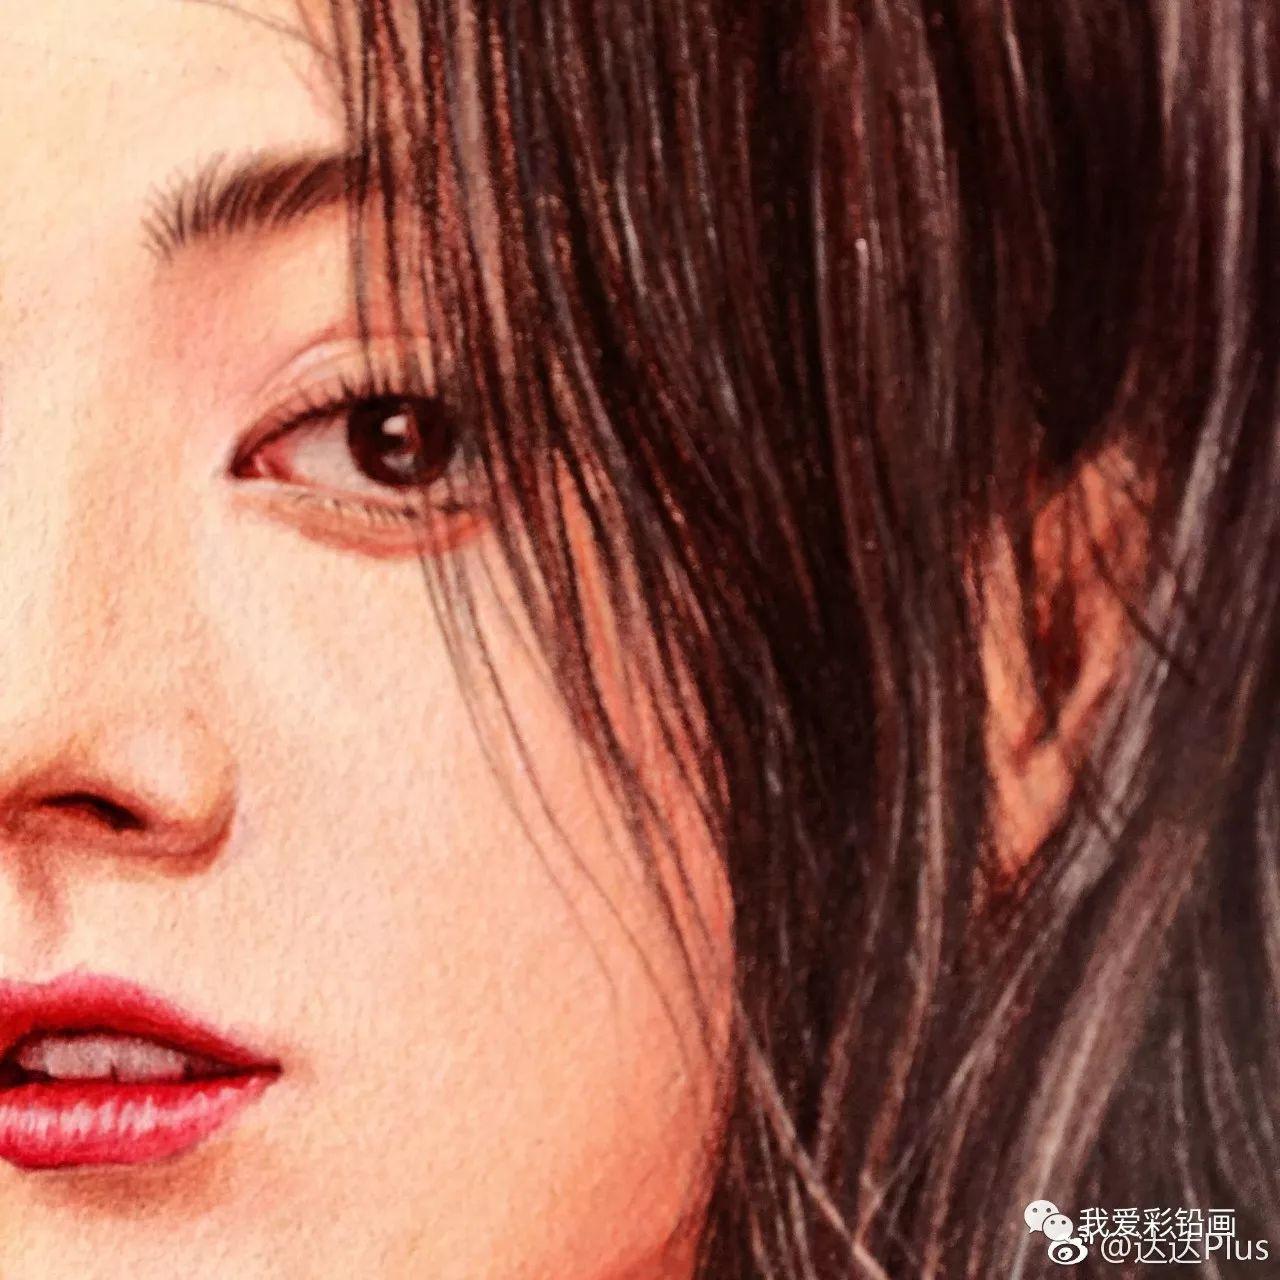 彩铅手绘--迪丽热巴的盛世美颜